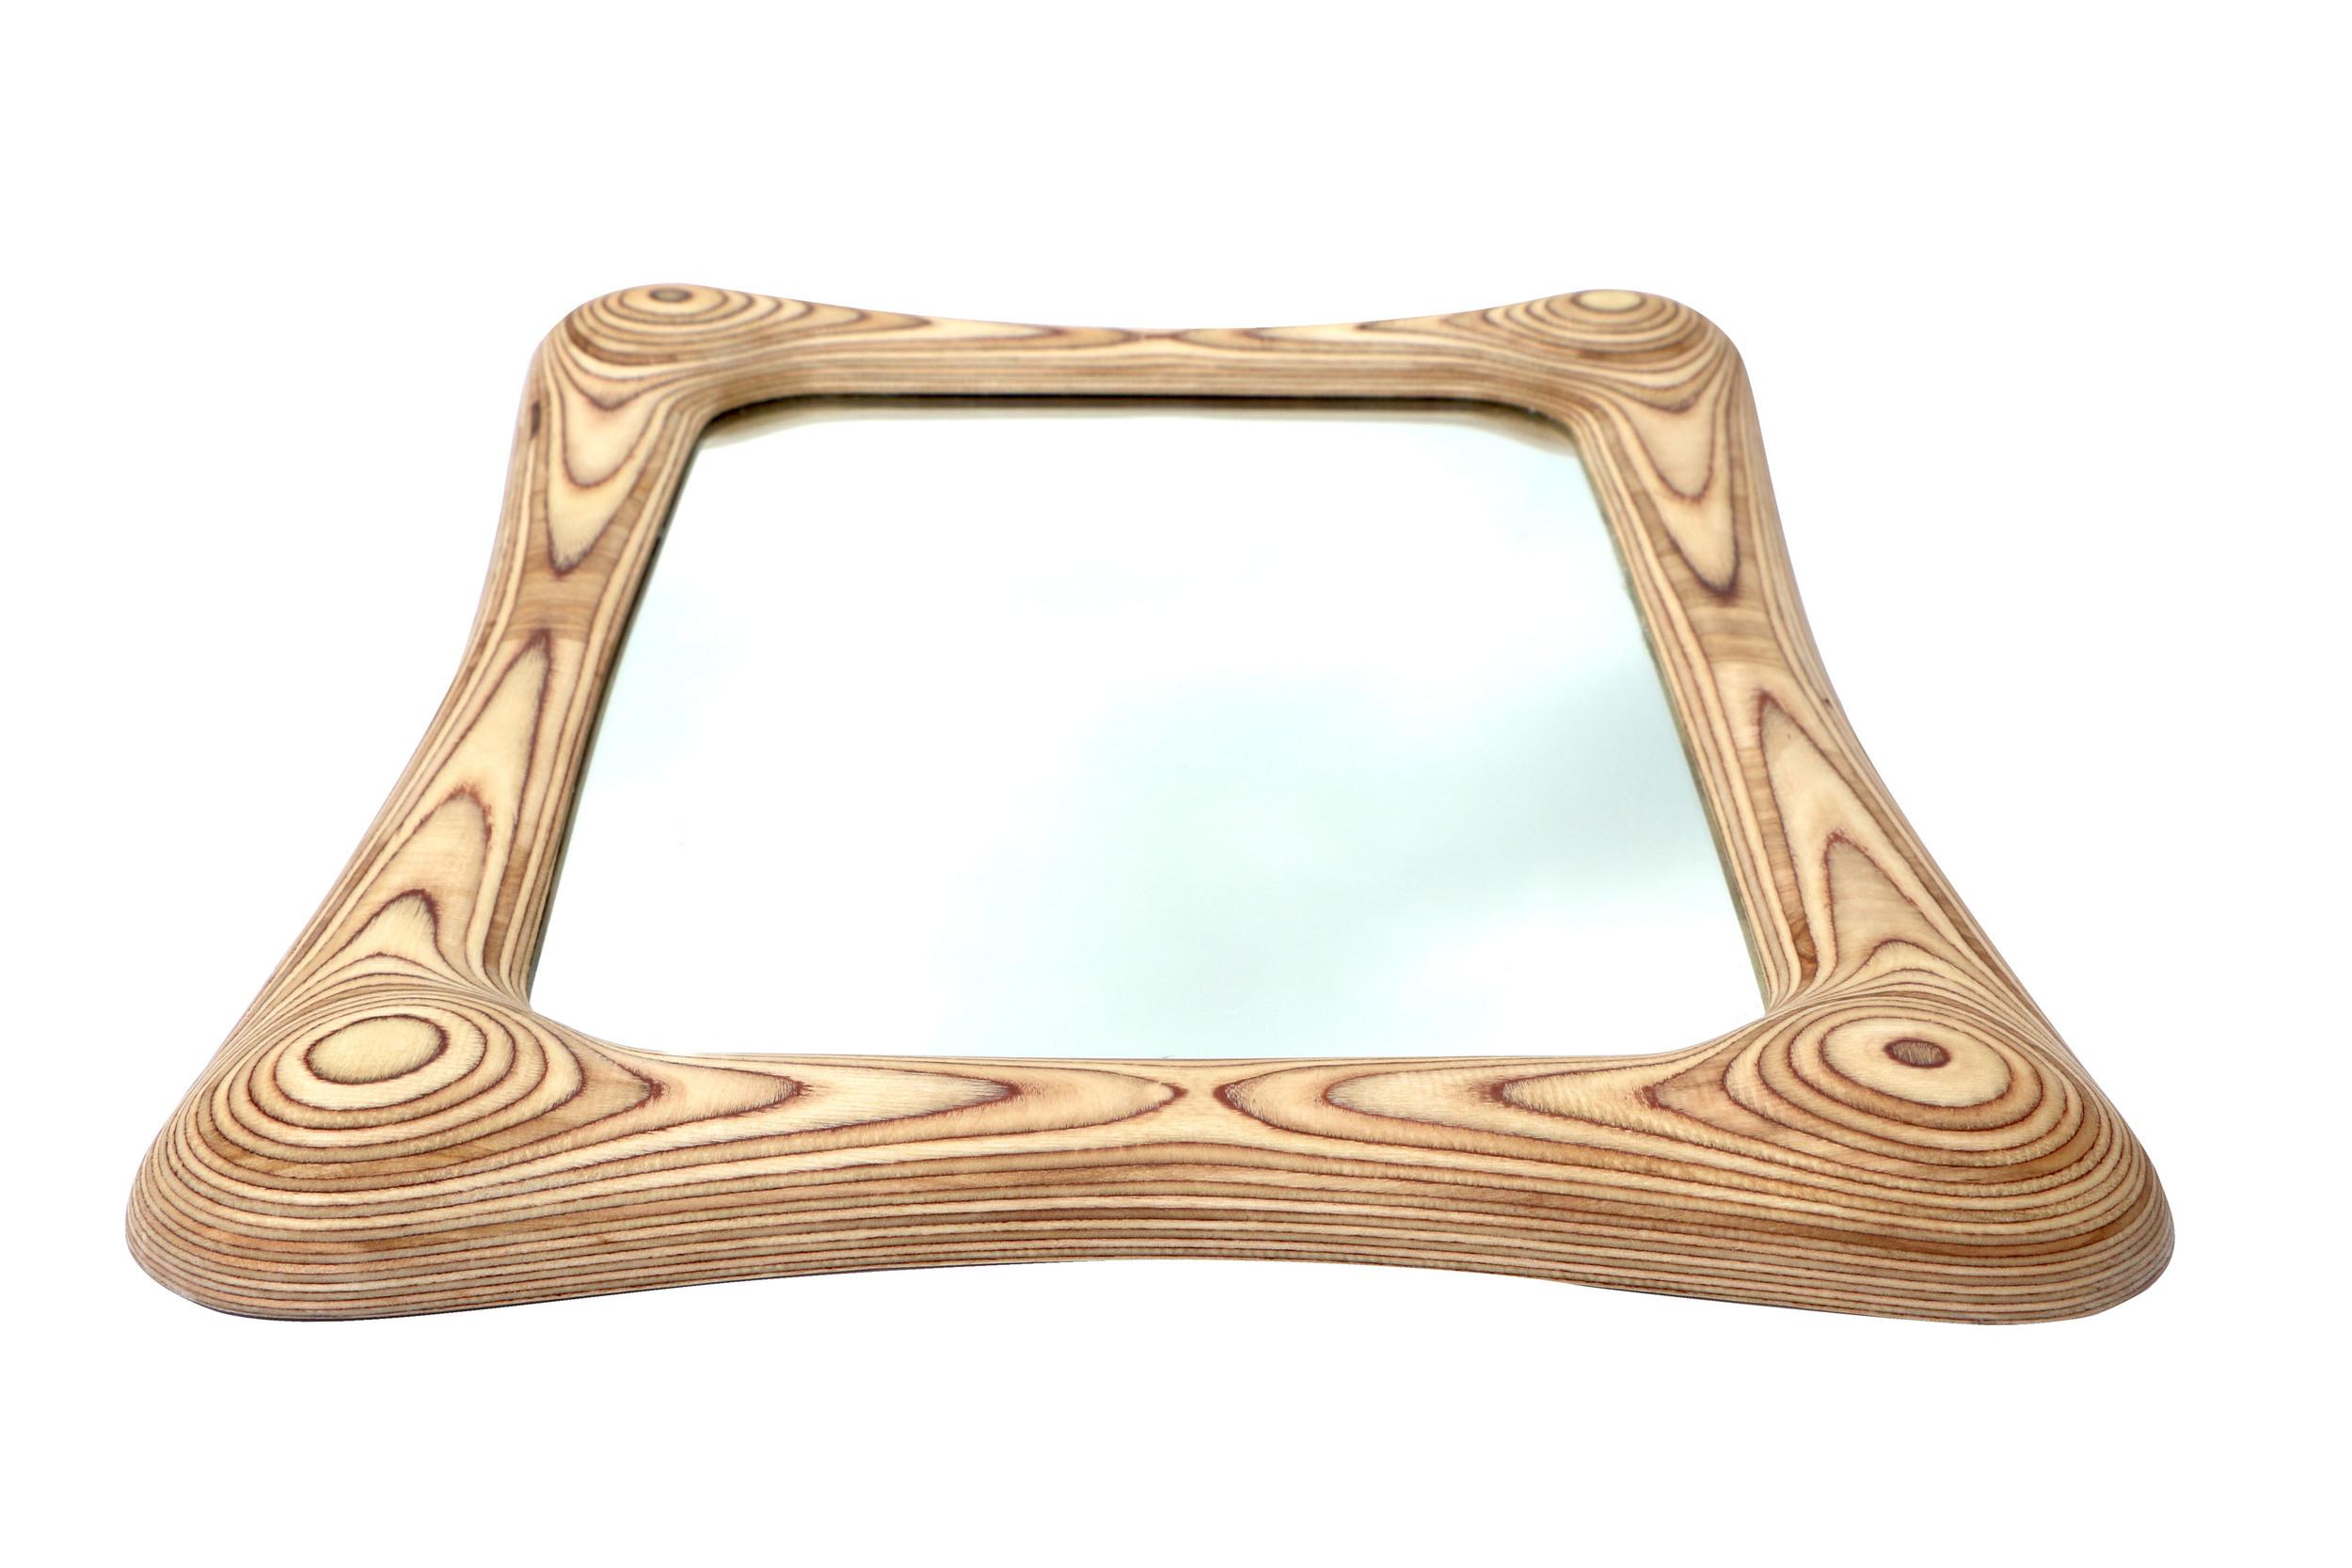 Statement mirror focal point